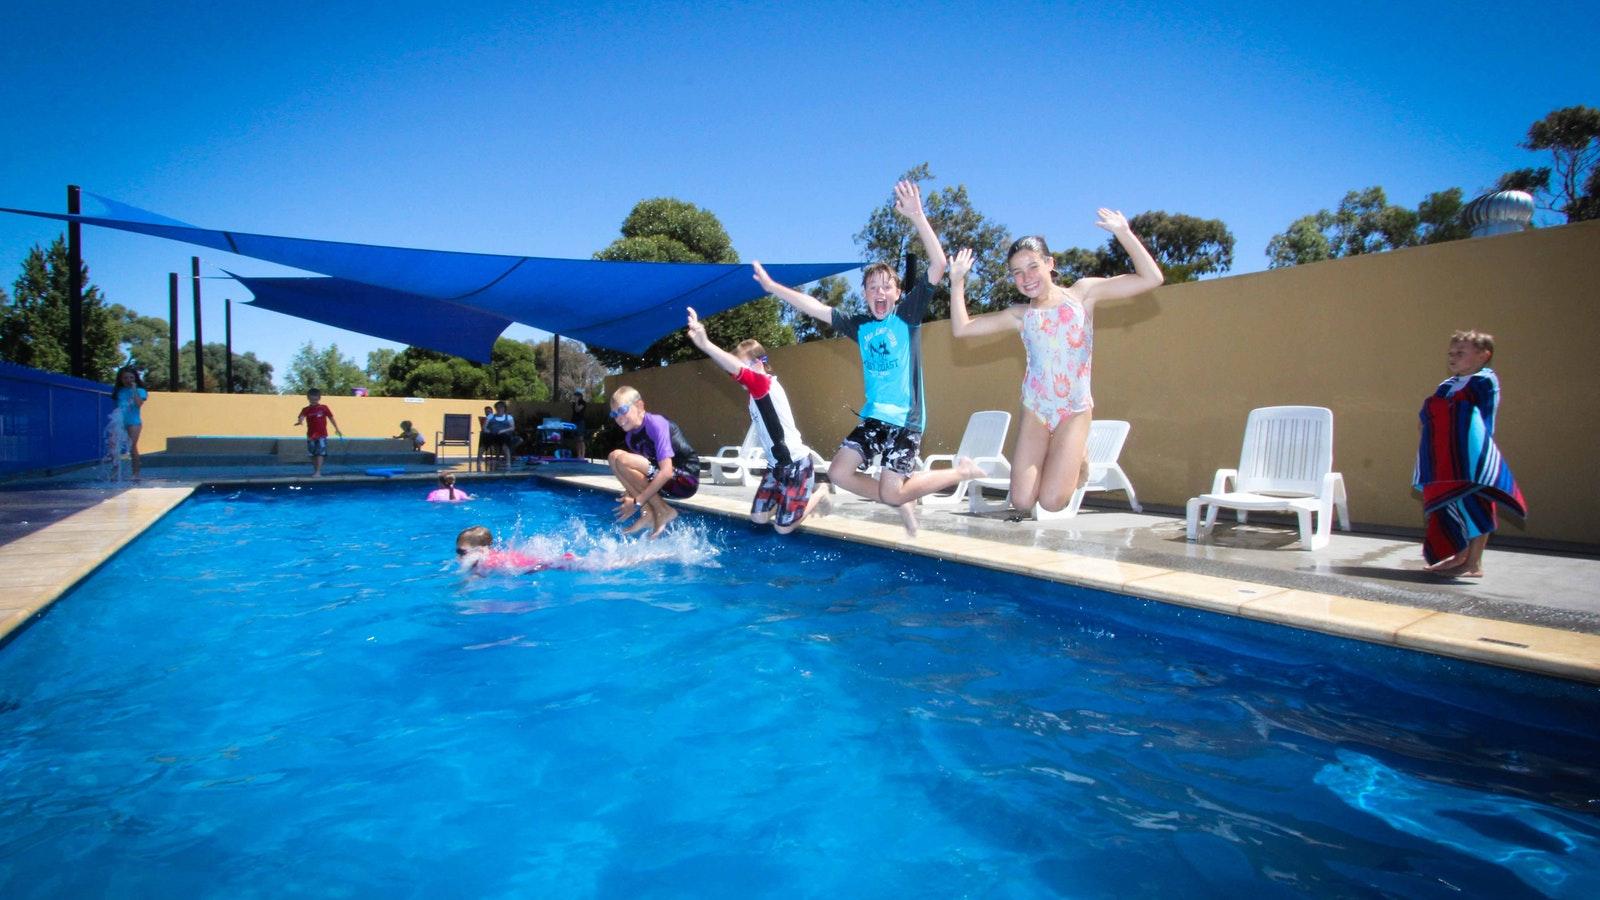 BIG4 Swan Hill solar heated pool